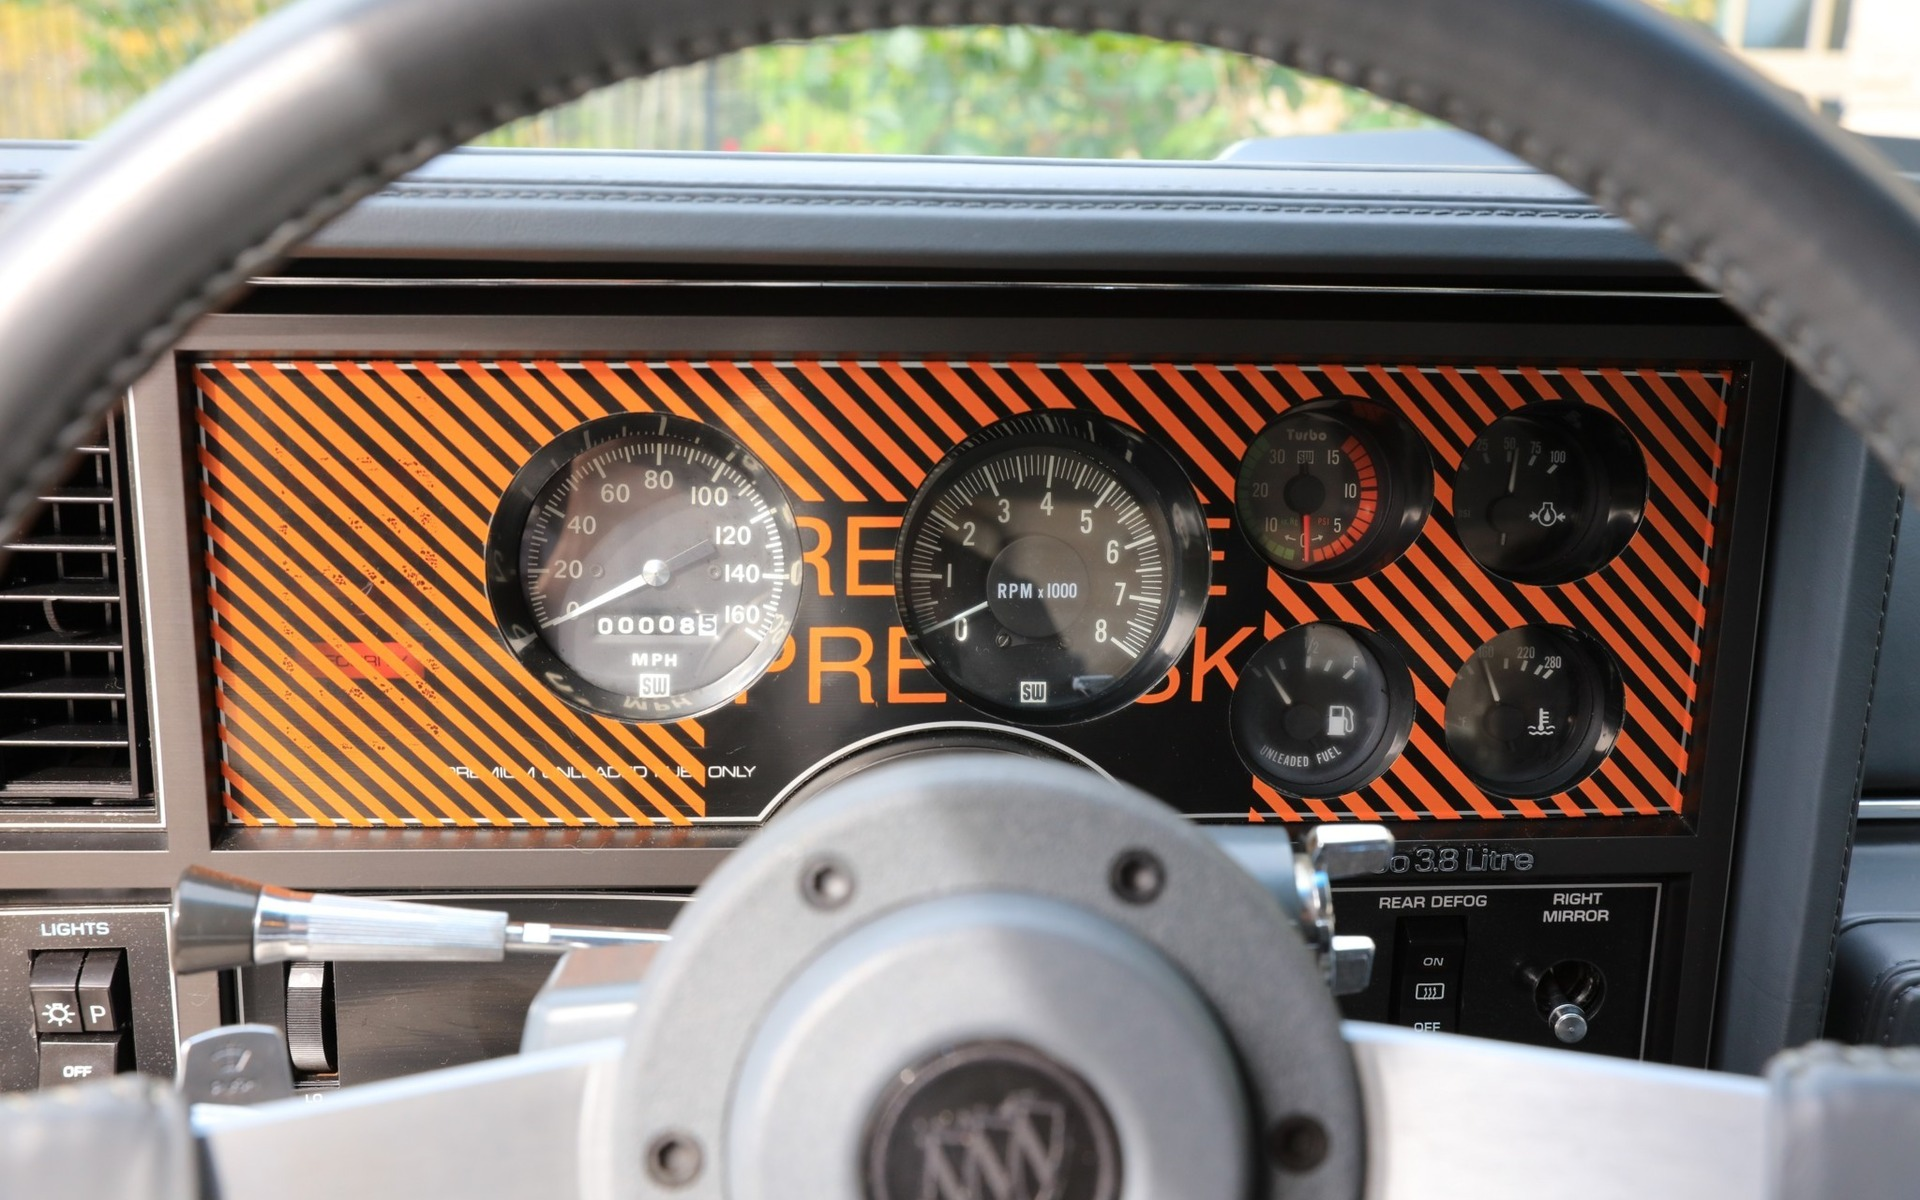 Cette Buick GNX est encore neuve 32 ans plus tard 366844_Buick